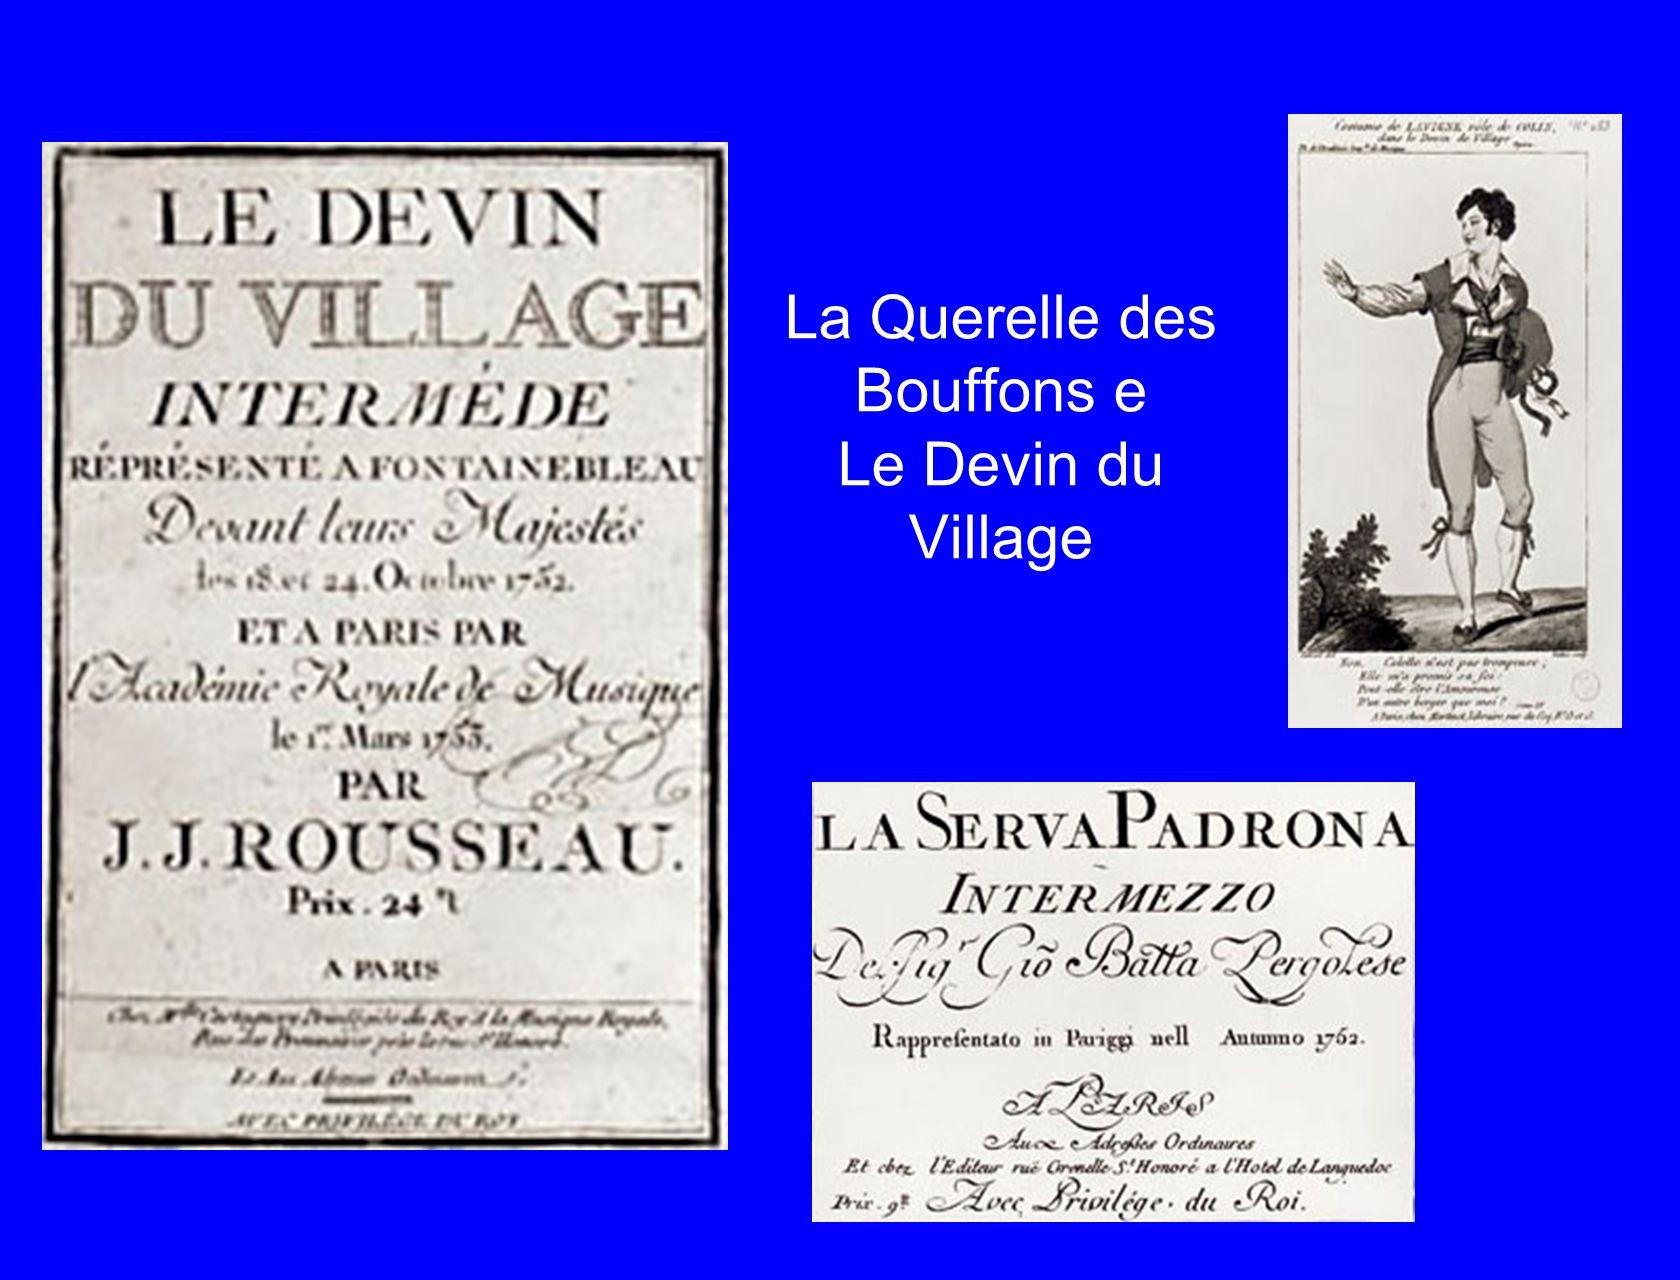 La Querelle des Bouffons e Le Devin du Village